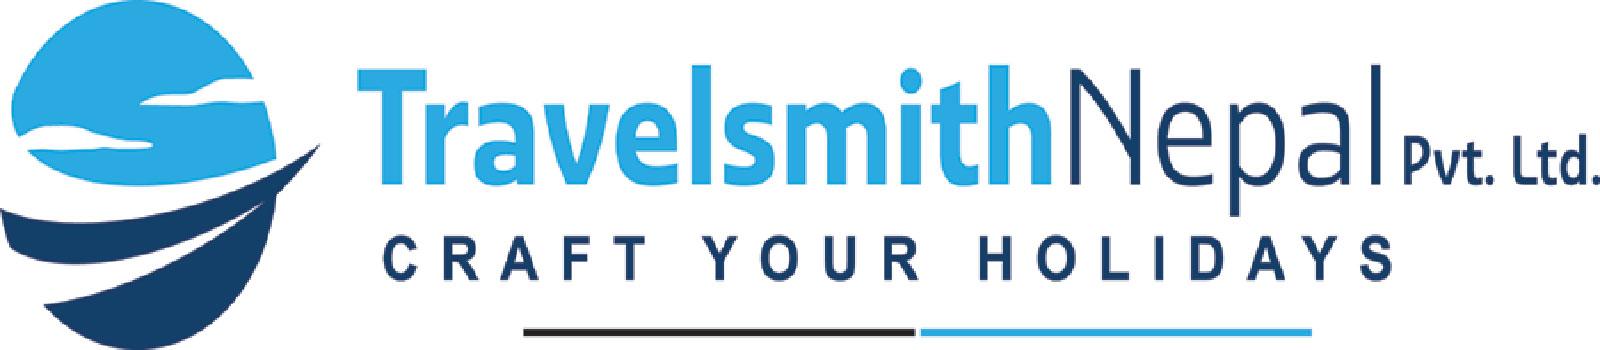 travelsmith_logo